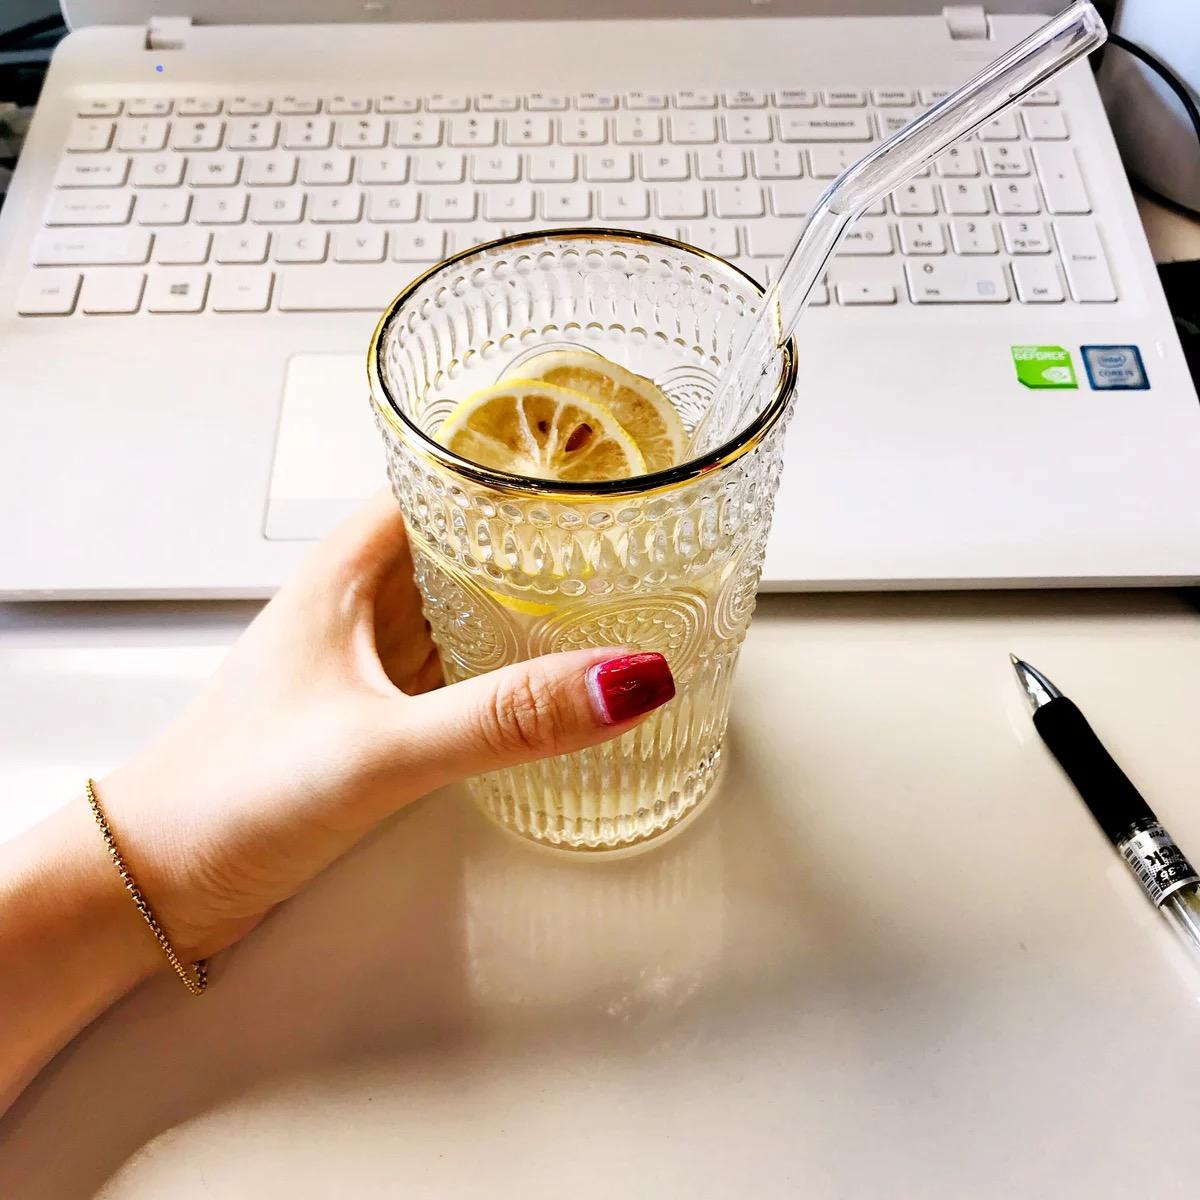 复古浮雕金边玻璃杯圆形太阳花水杯高档餐厅冷饮杯奶茶店果汁杯